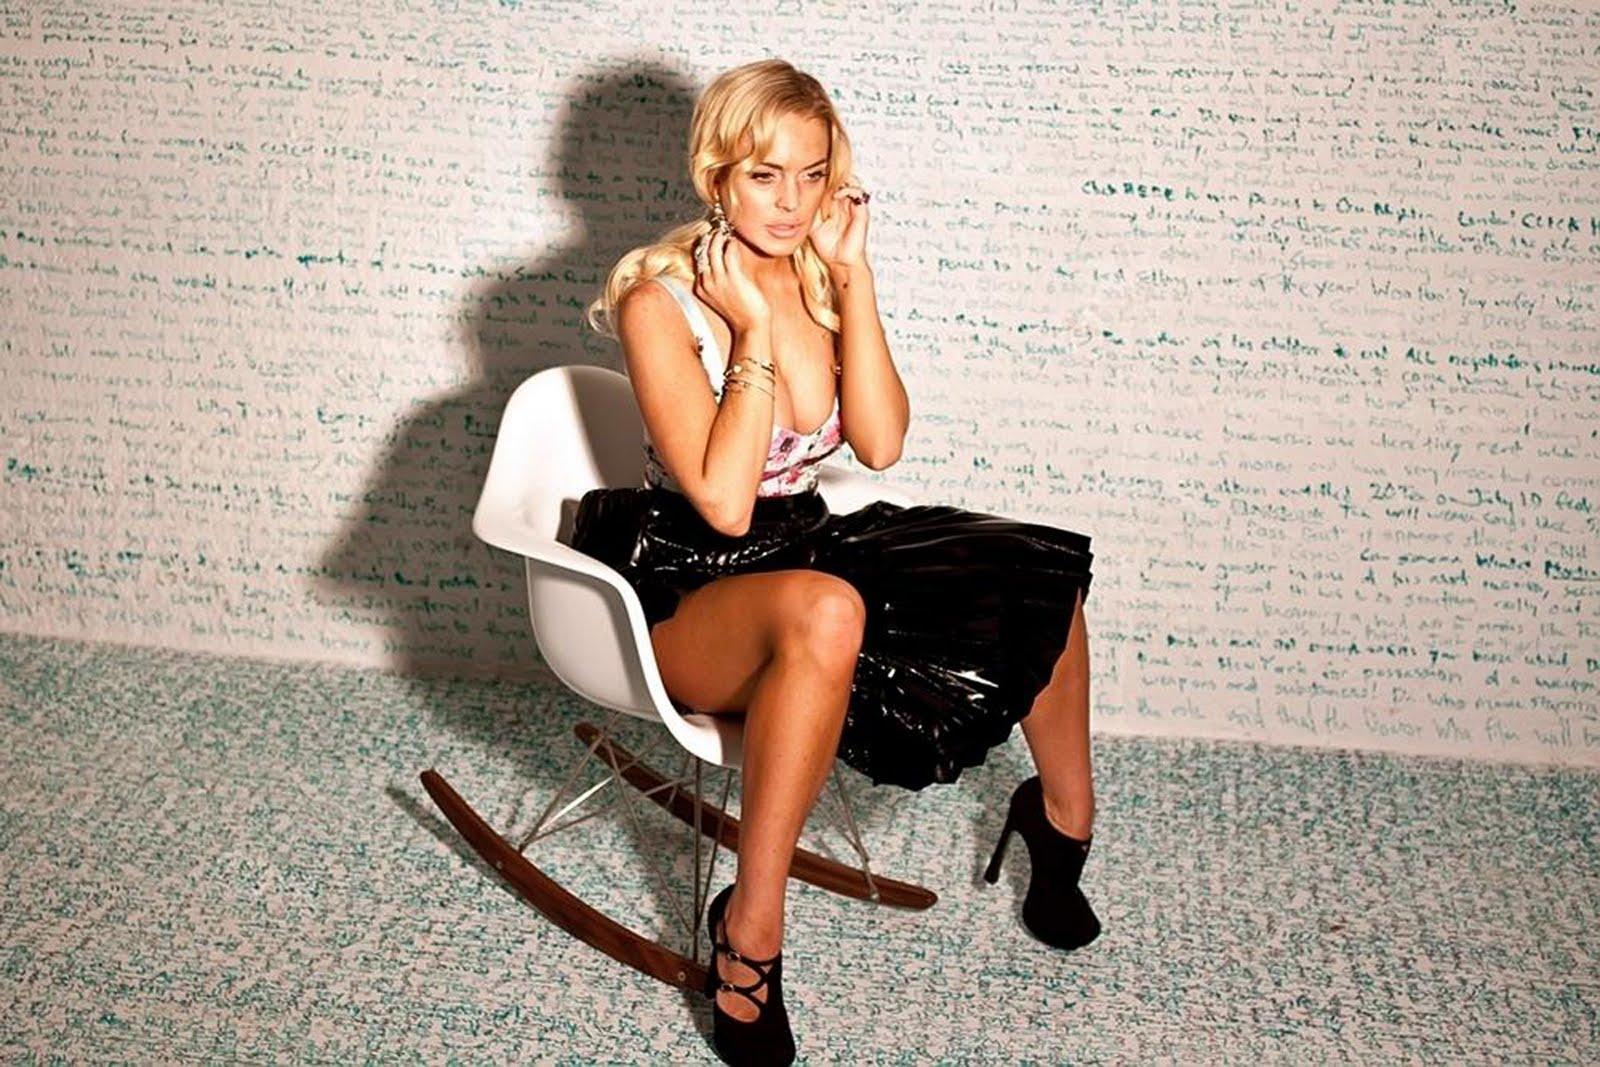 http://2.bp.blogspot.com/-IVMXTDQTeEs/Tcbq1KCt5RI/AAAAAAAAAks/GaA1oGkmkRE/s1600/Lindsay+Lohan+%252816%2529.jpg